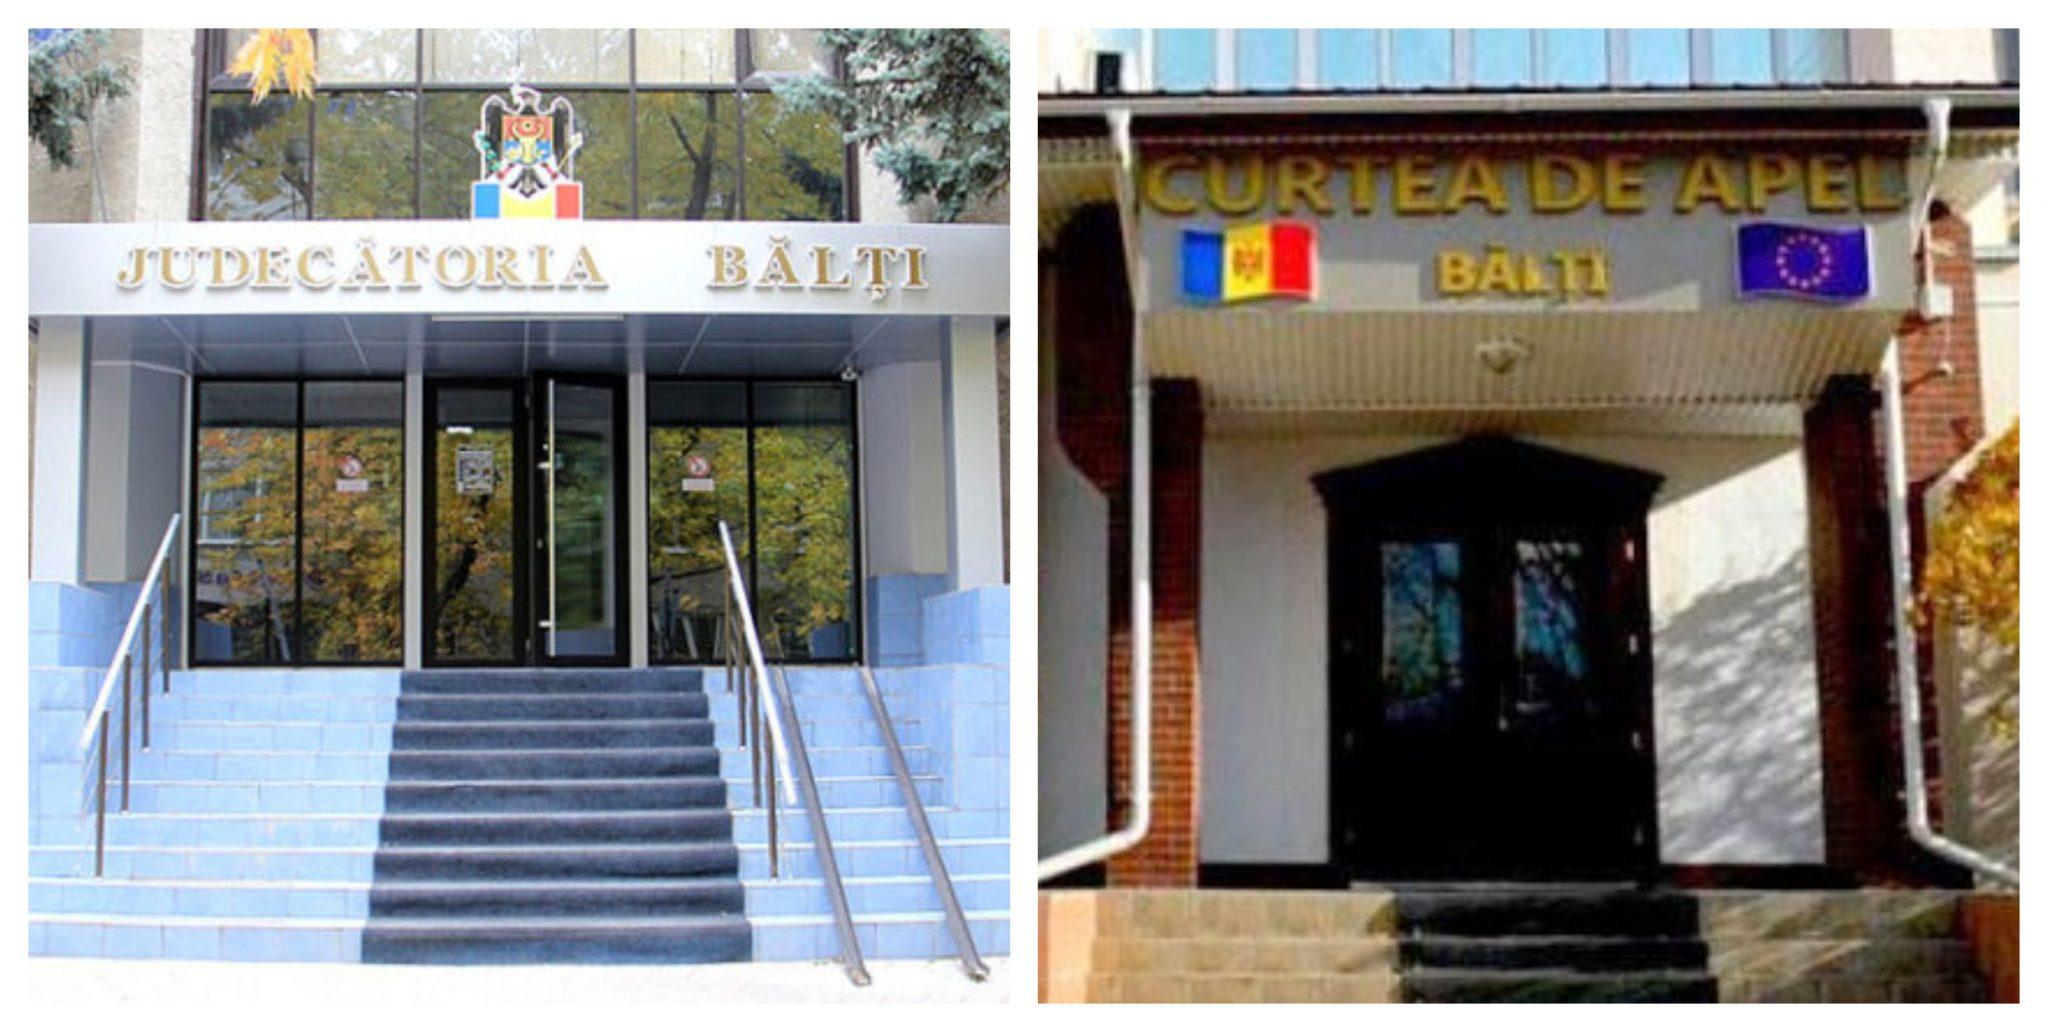 Ce averi declară cei doi magistrați de la Judecătoria Bălți, care vor fi promovați la Curtea de Apel Bălți